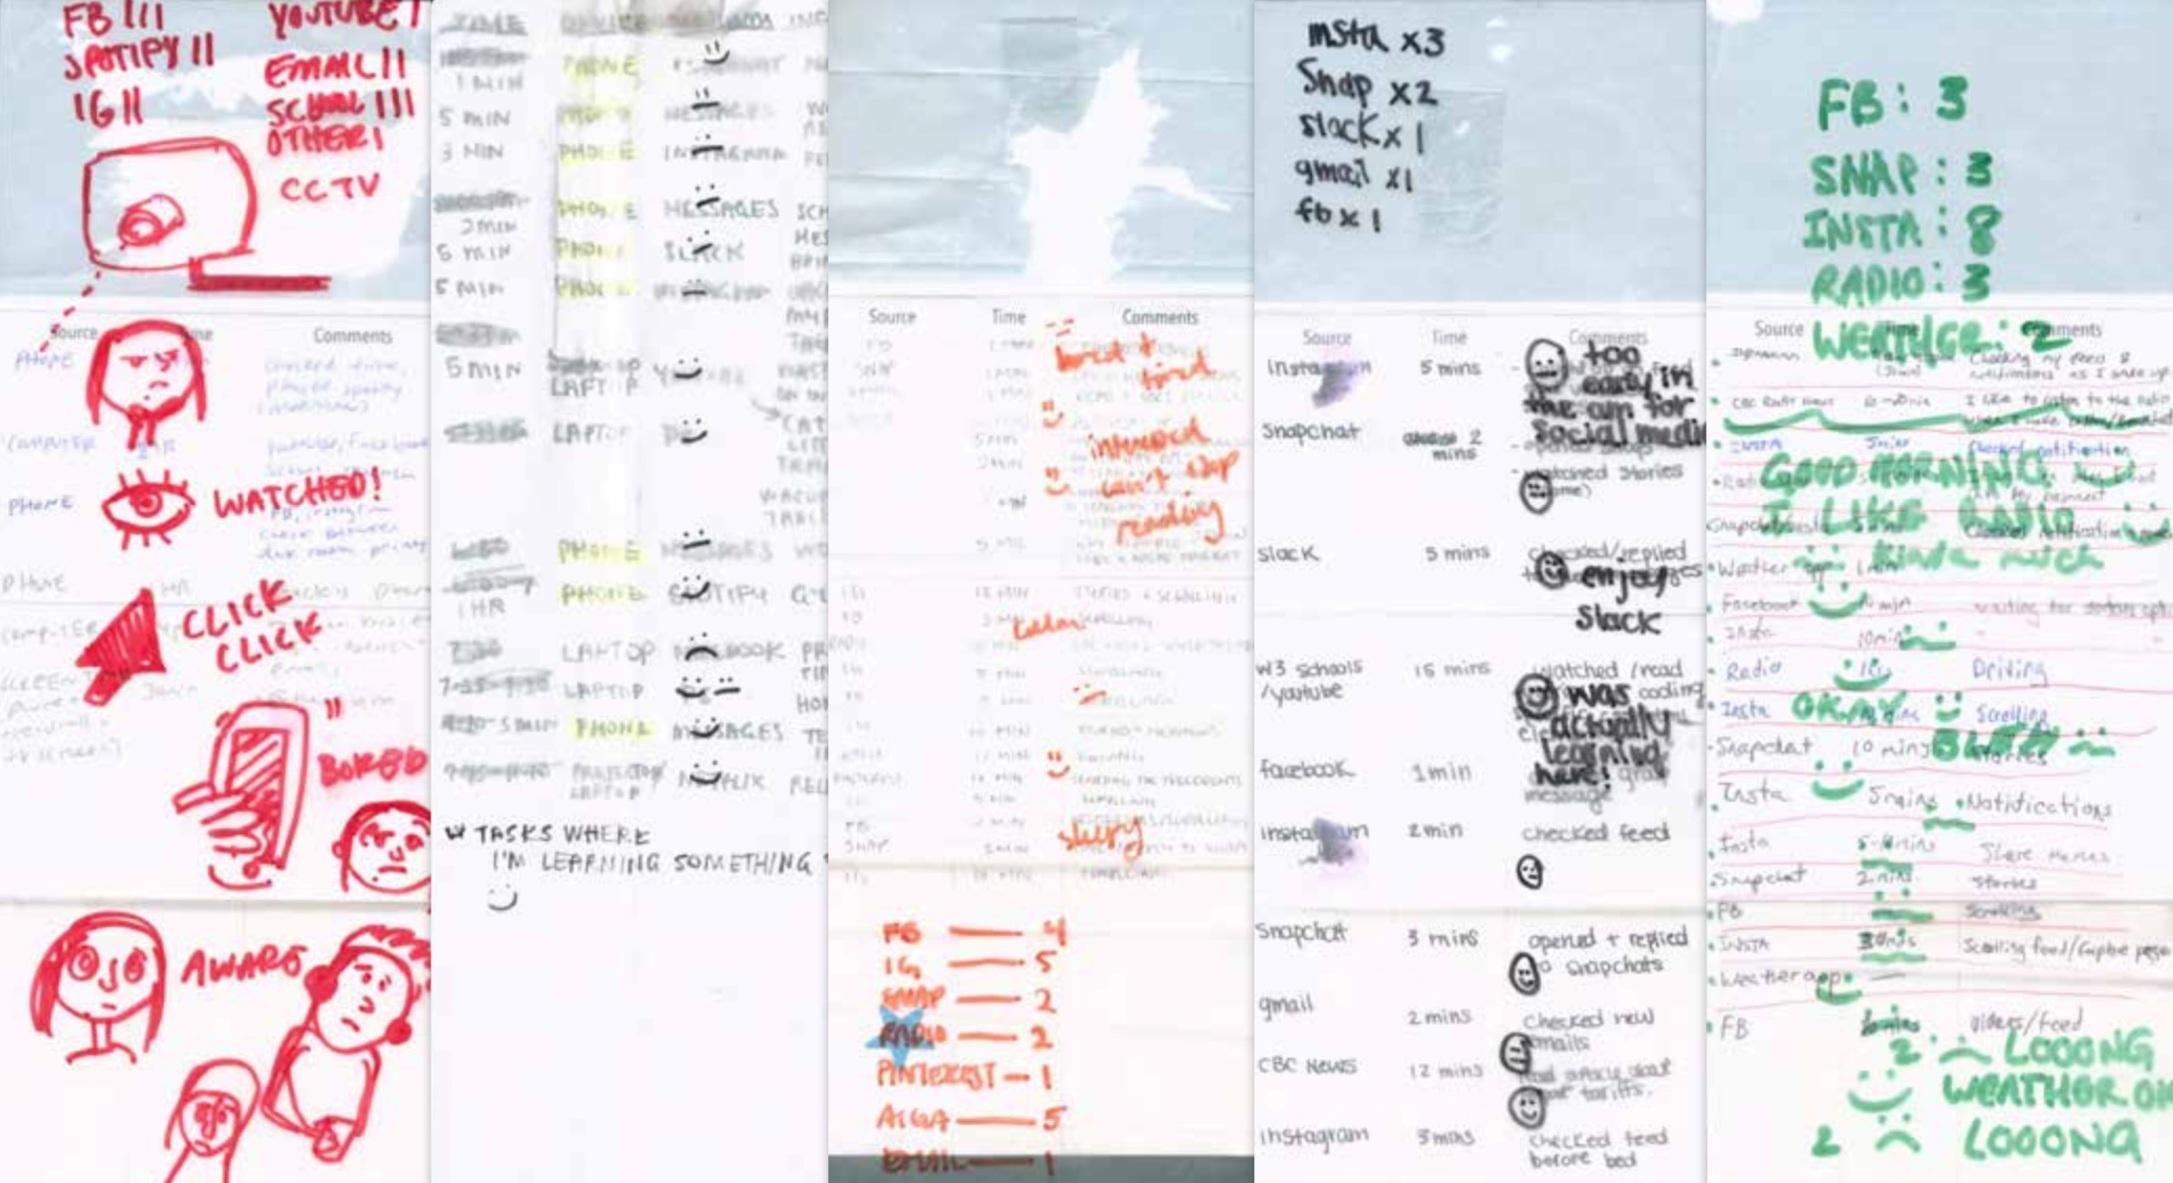 Screen%2BShot%2B2019-01-14%2Bat%2B6.28.43%2BPM.jpg